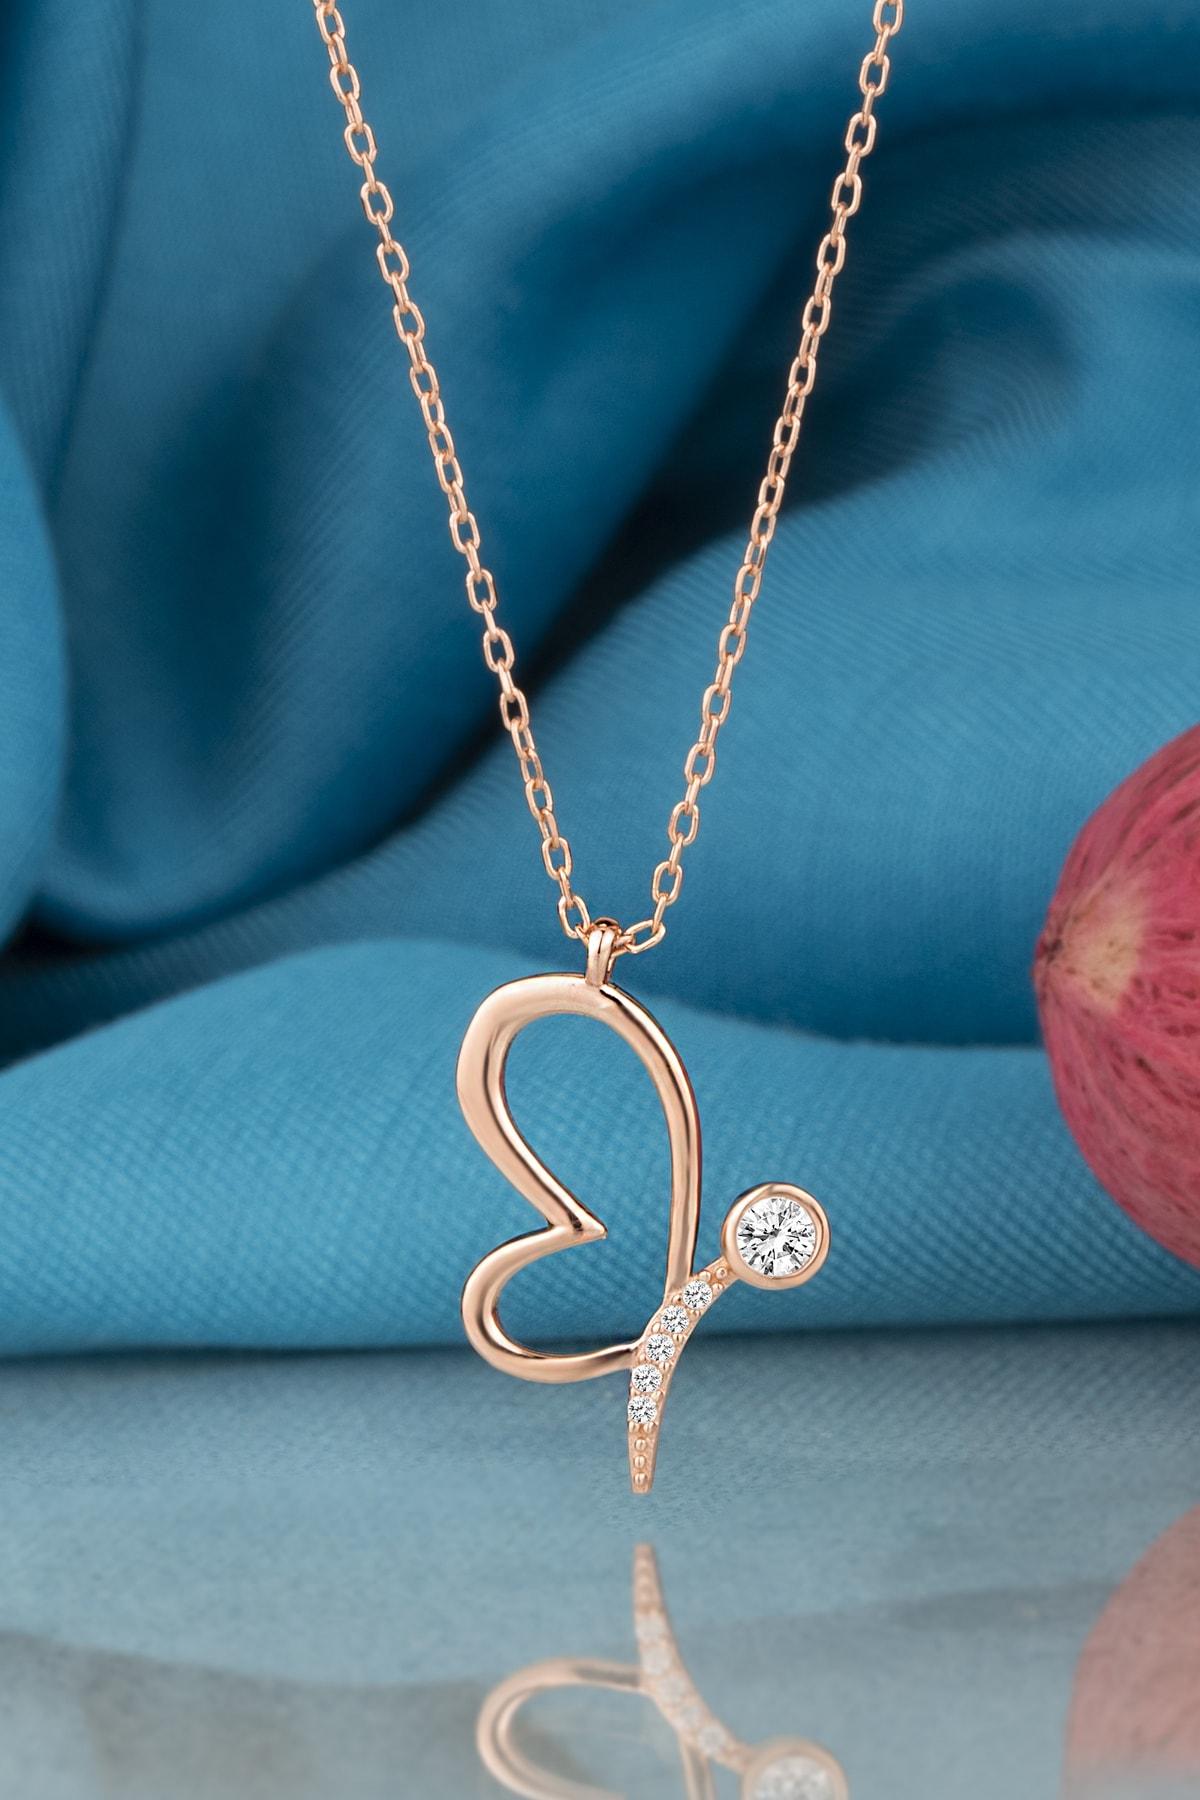 Kara Jewelry Gümüş Kolye Orijinal Swarovskı Taşlı Kelebek Temalı Rose Kaplama Bayan Kolye 2